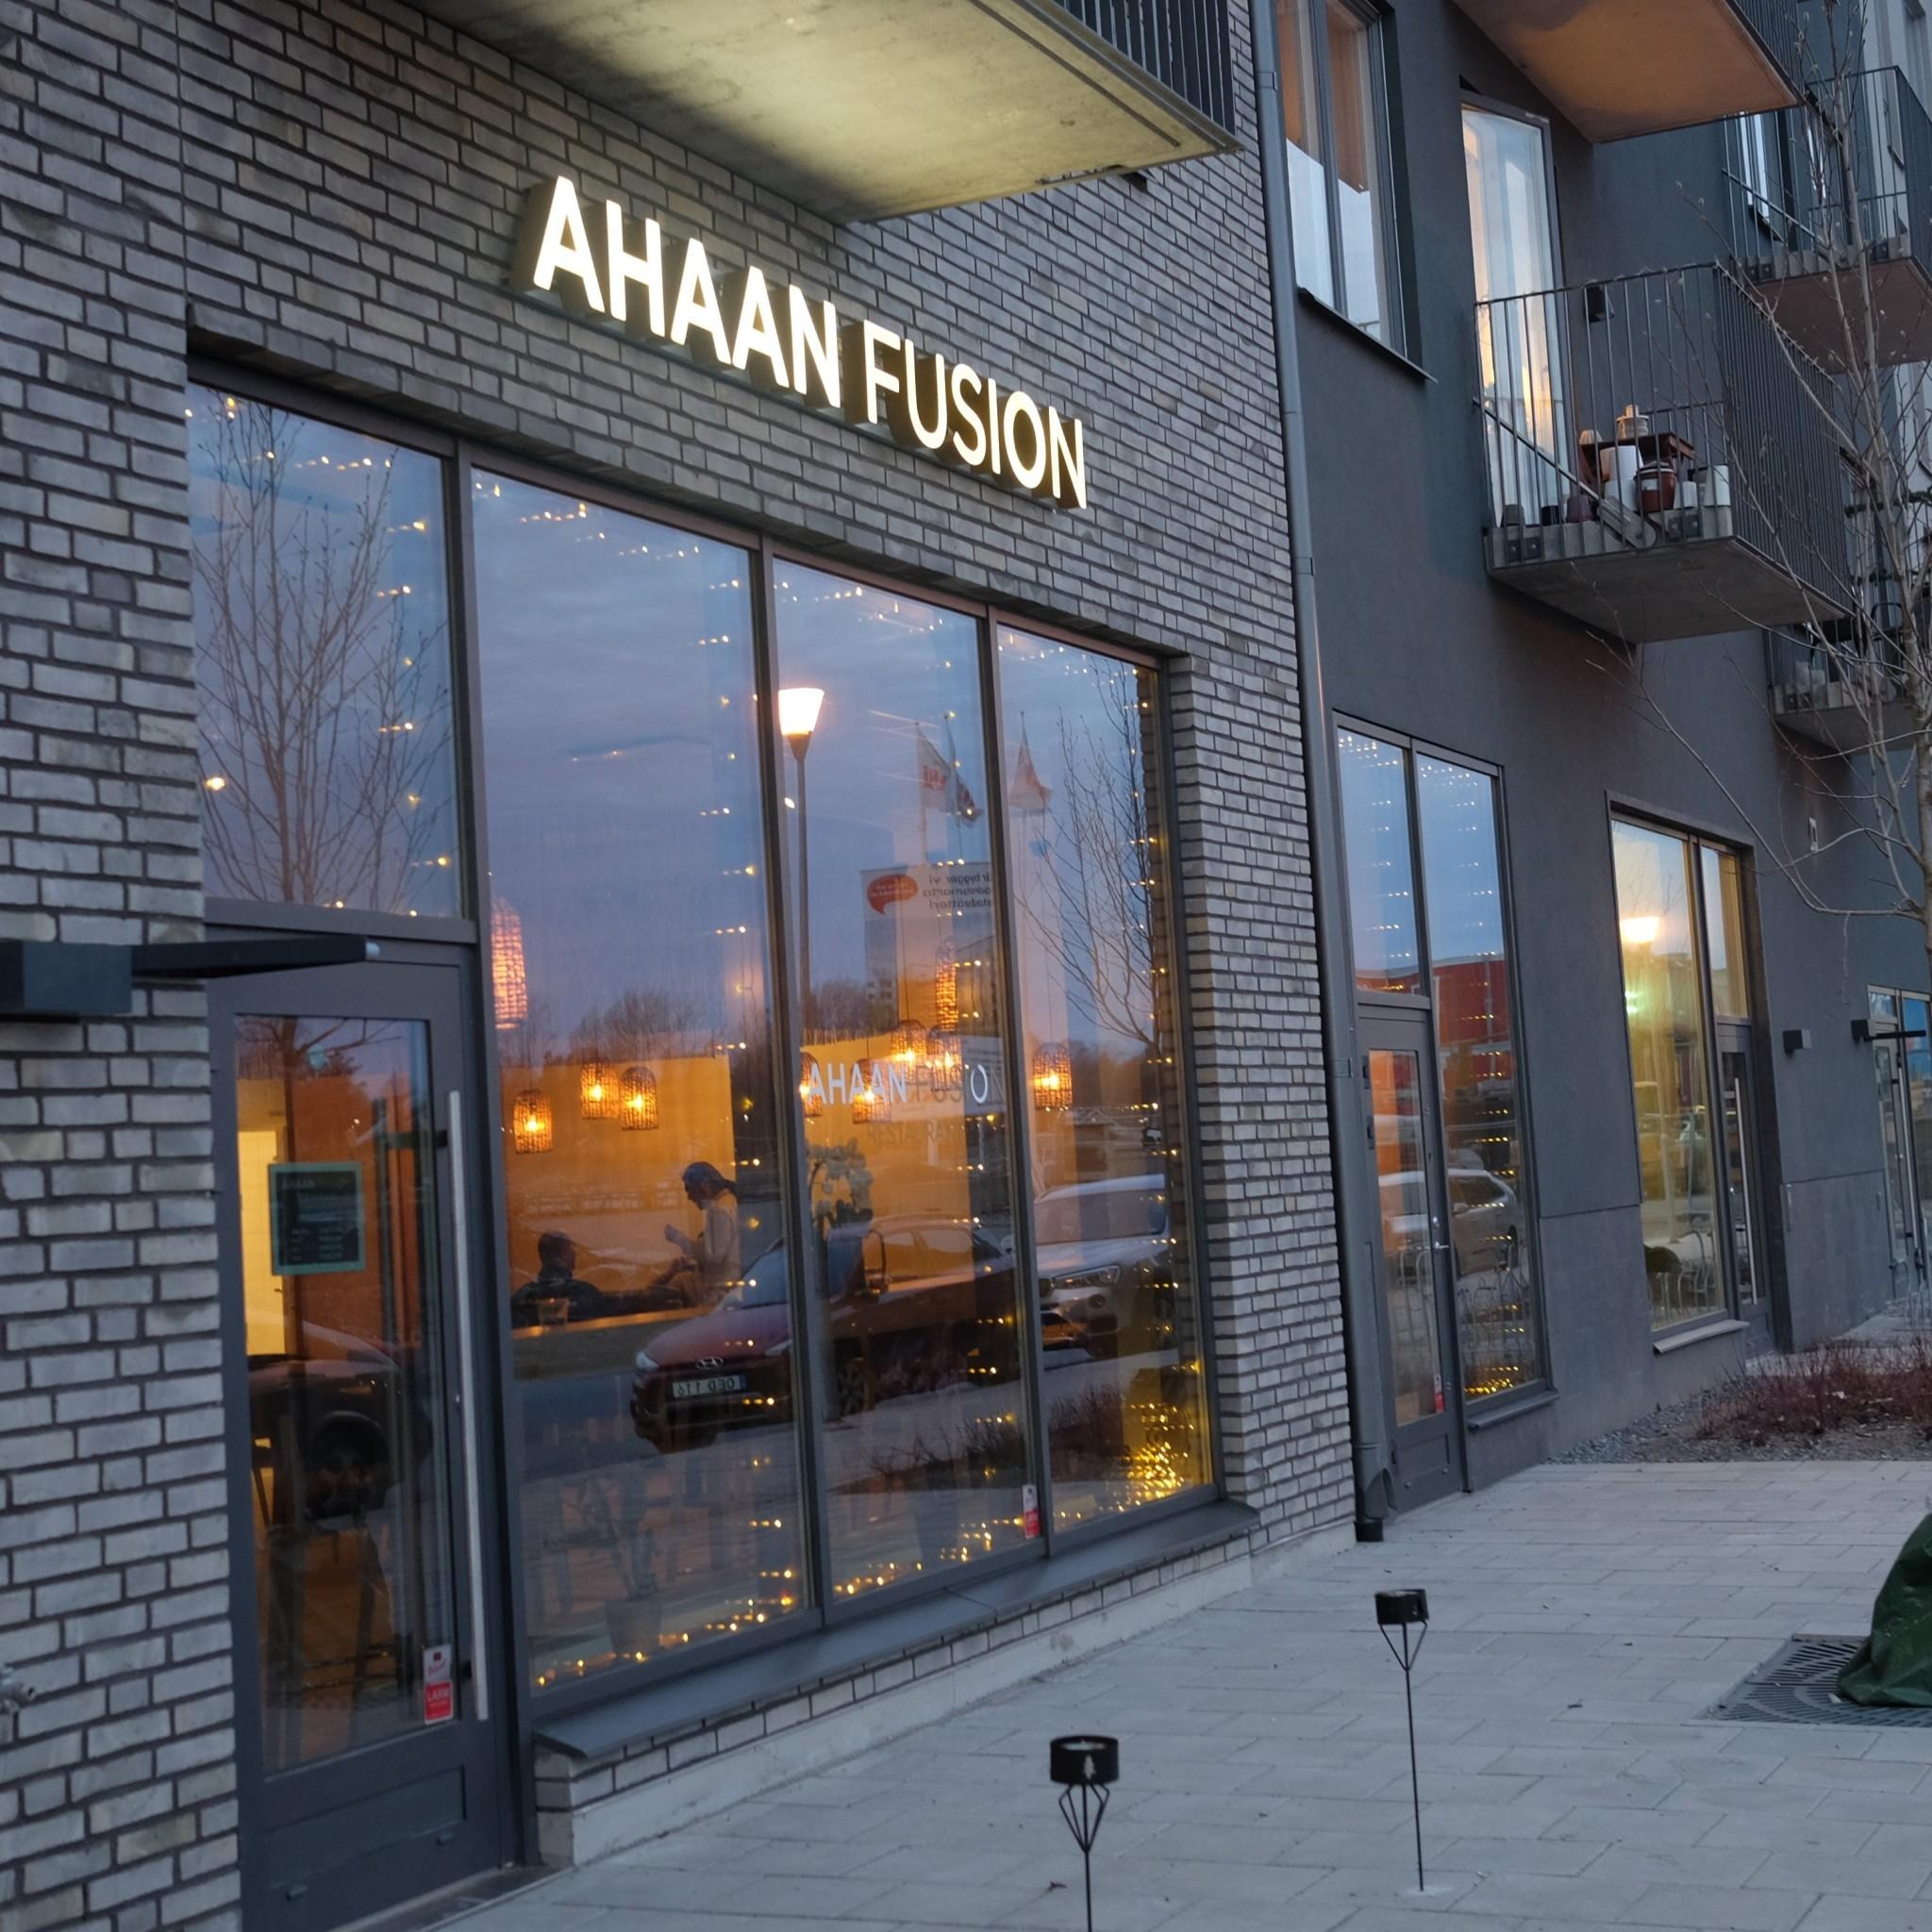 ahaan fusion restaurangen från utsidan